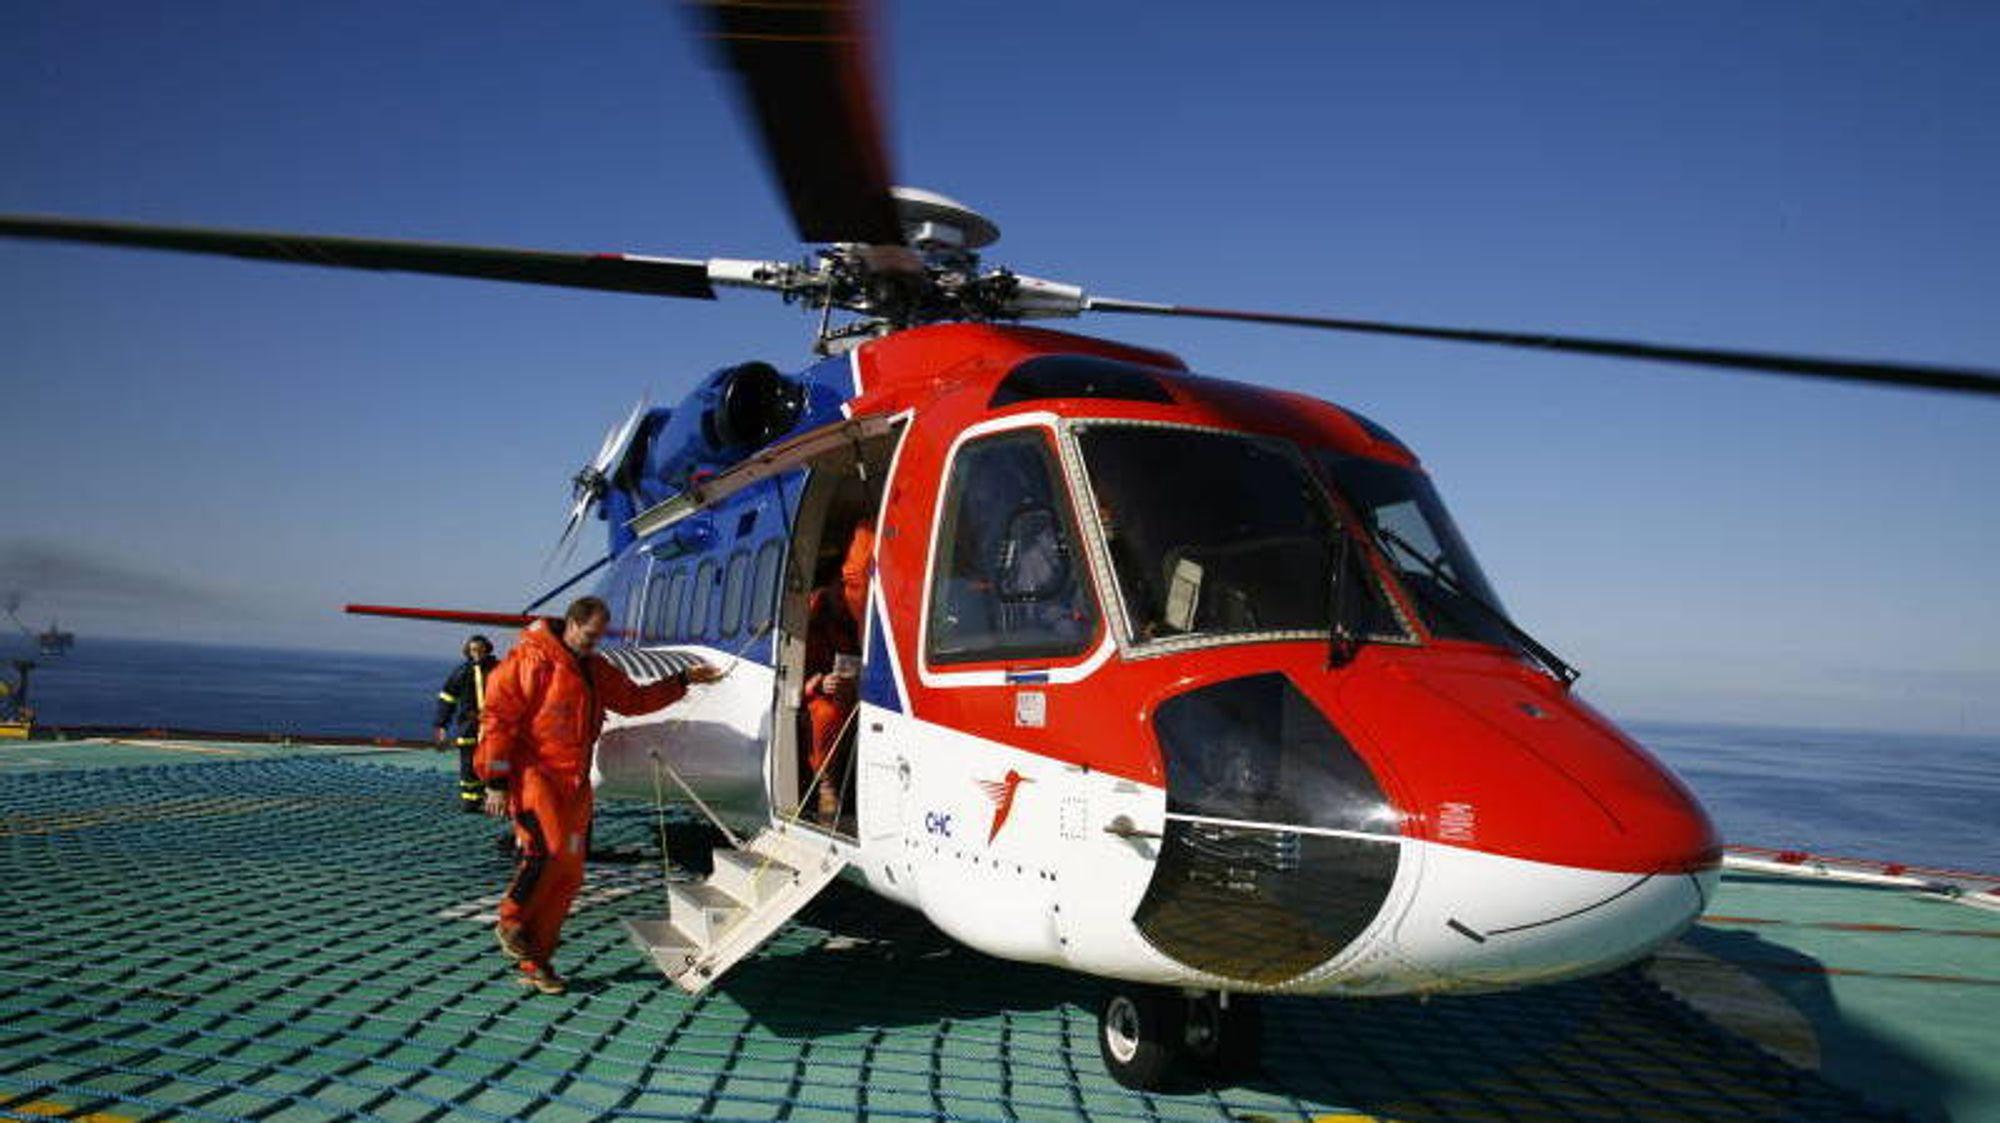 Regjeringen ønsker ikke å innføre EUs tilleggsregler for offshore helikopteroperasjoner.